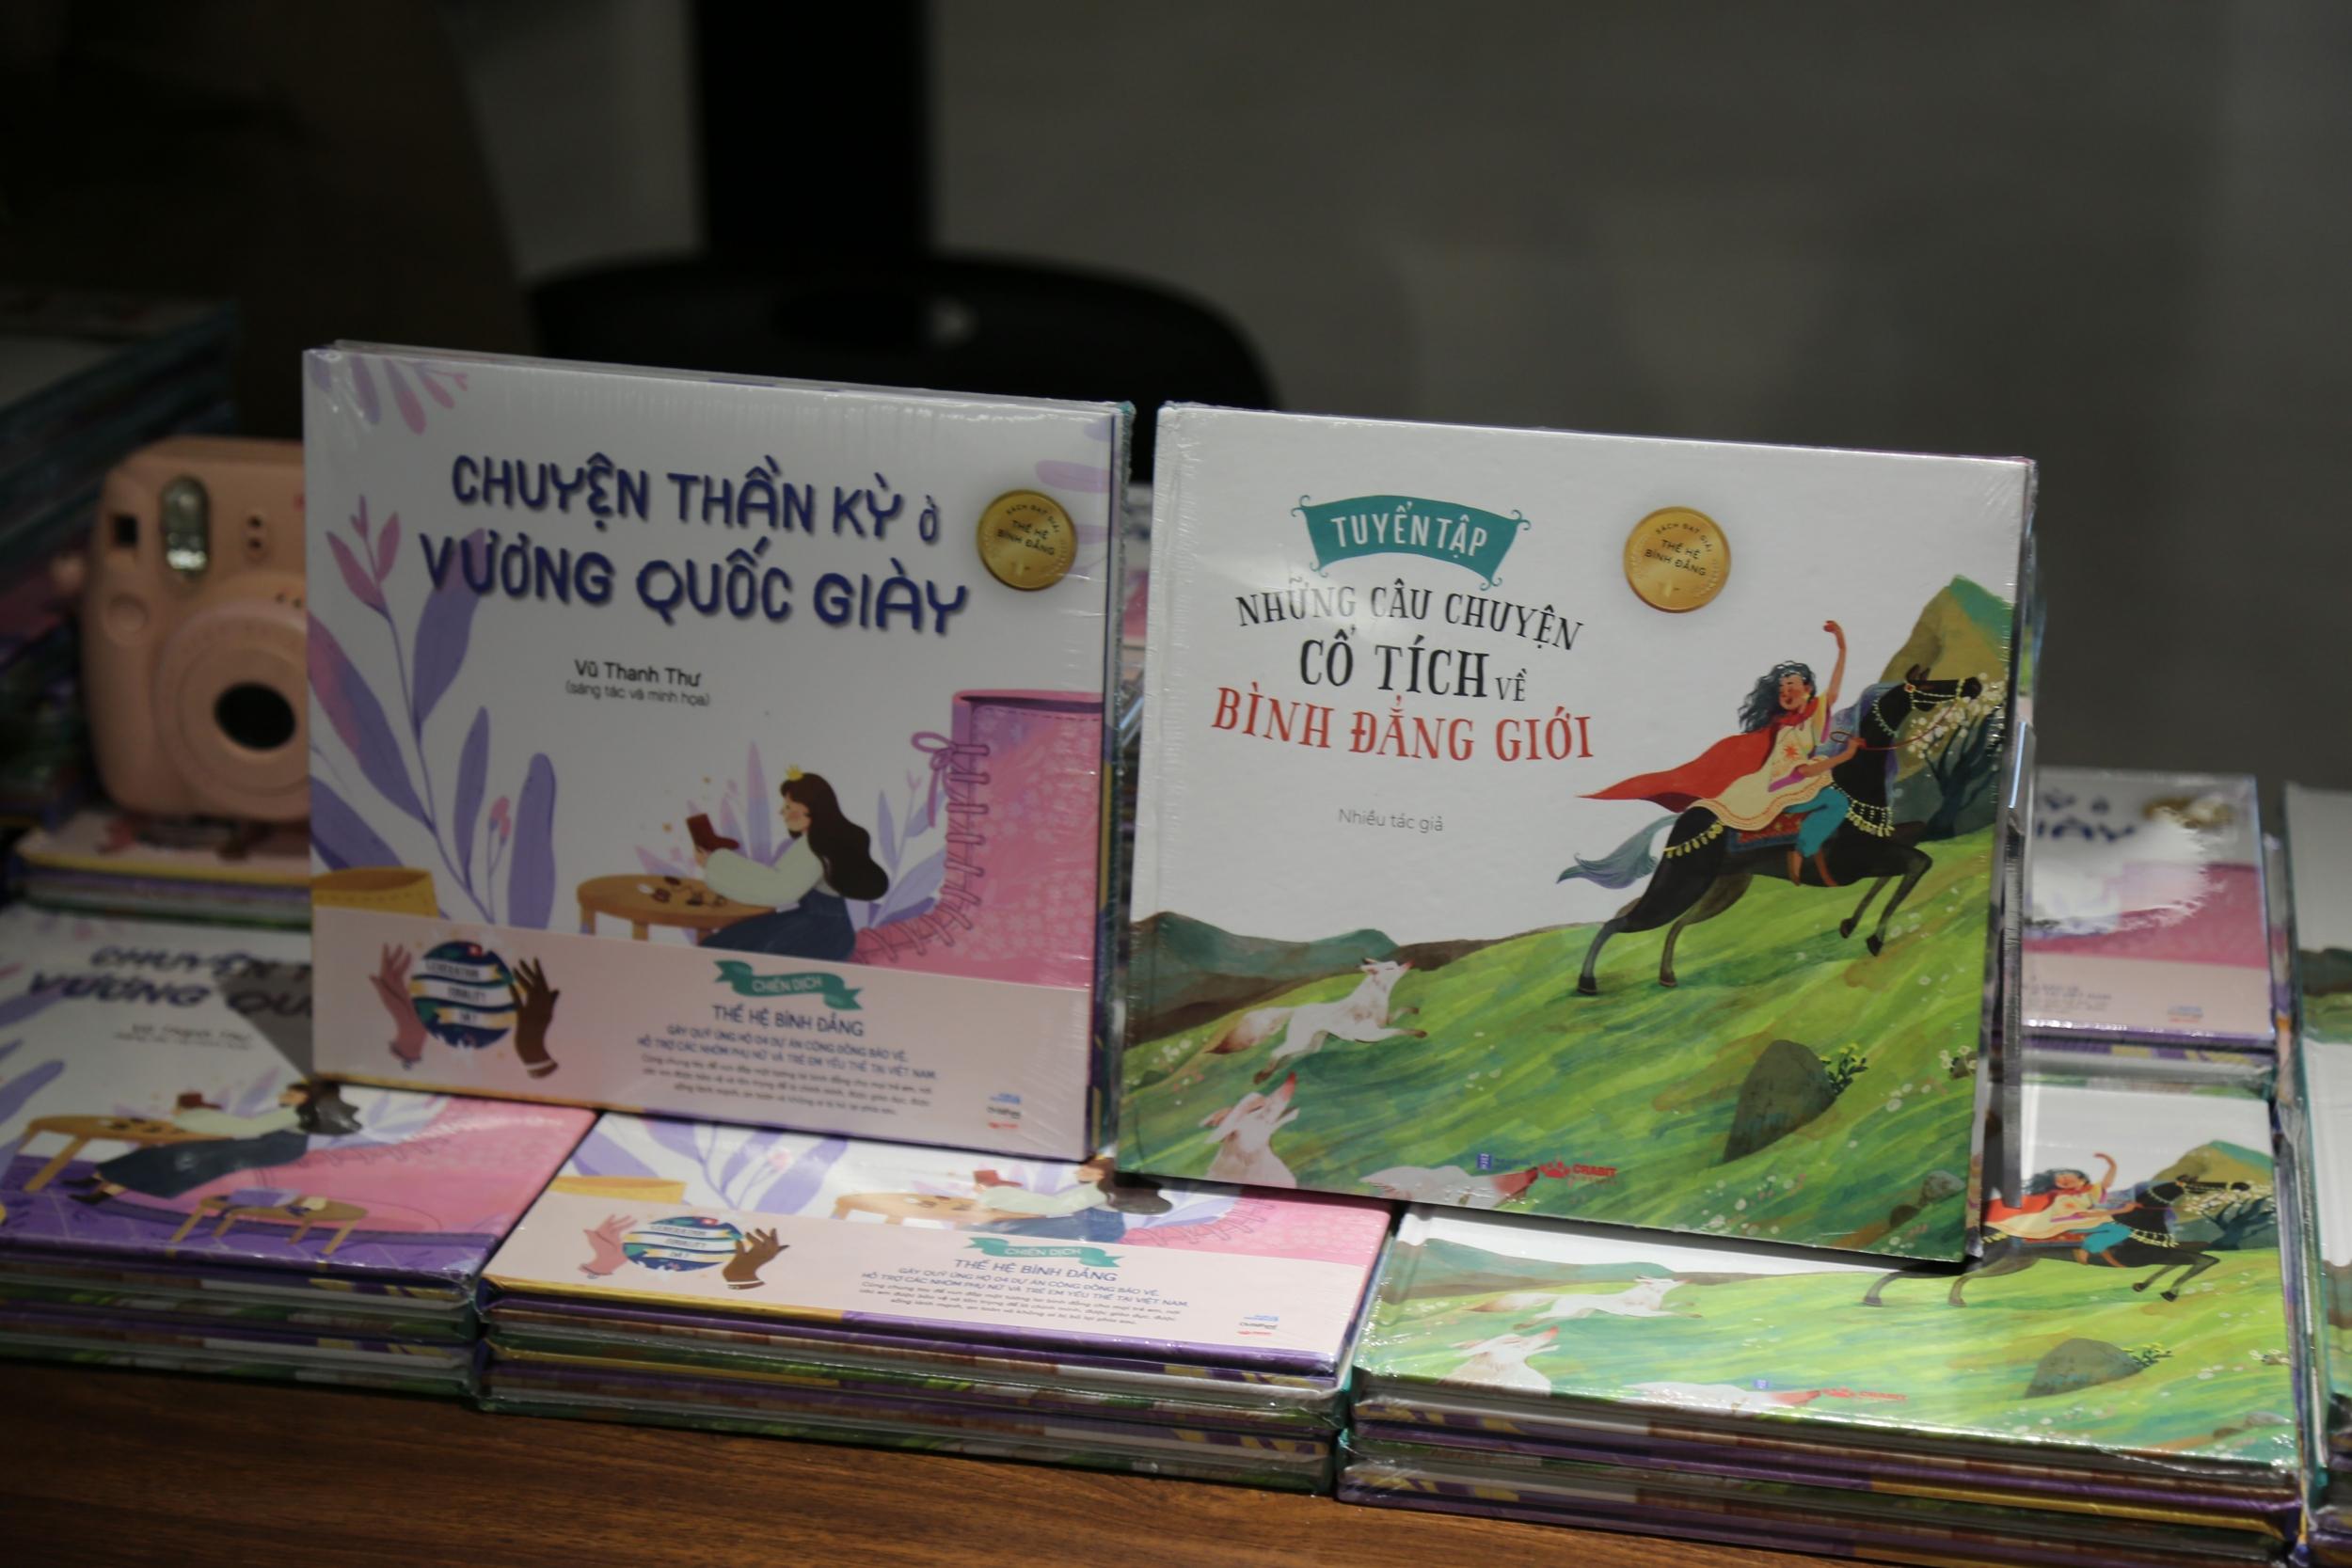 Bộ sách về bình đẳng giới đầu tiên tại Việt Nam dành cho thiếu nhi